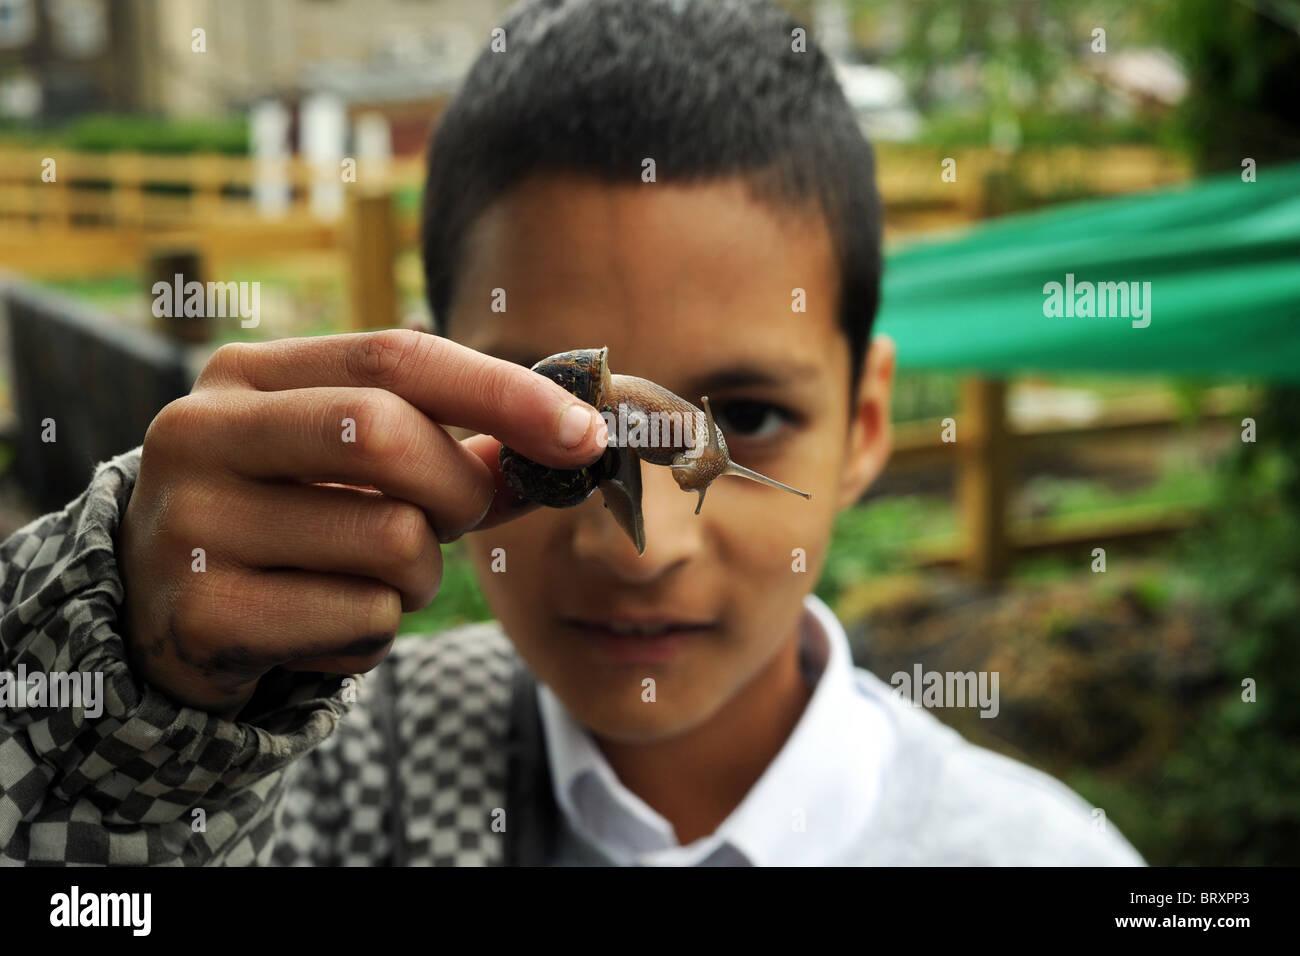 Un bambino studia un giardino va a passo di lumaca sollevandolo, come parte dell'esperienza di giardinaggio di visitare Foto Stock